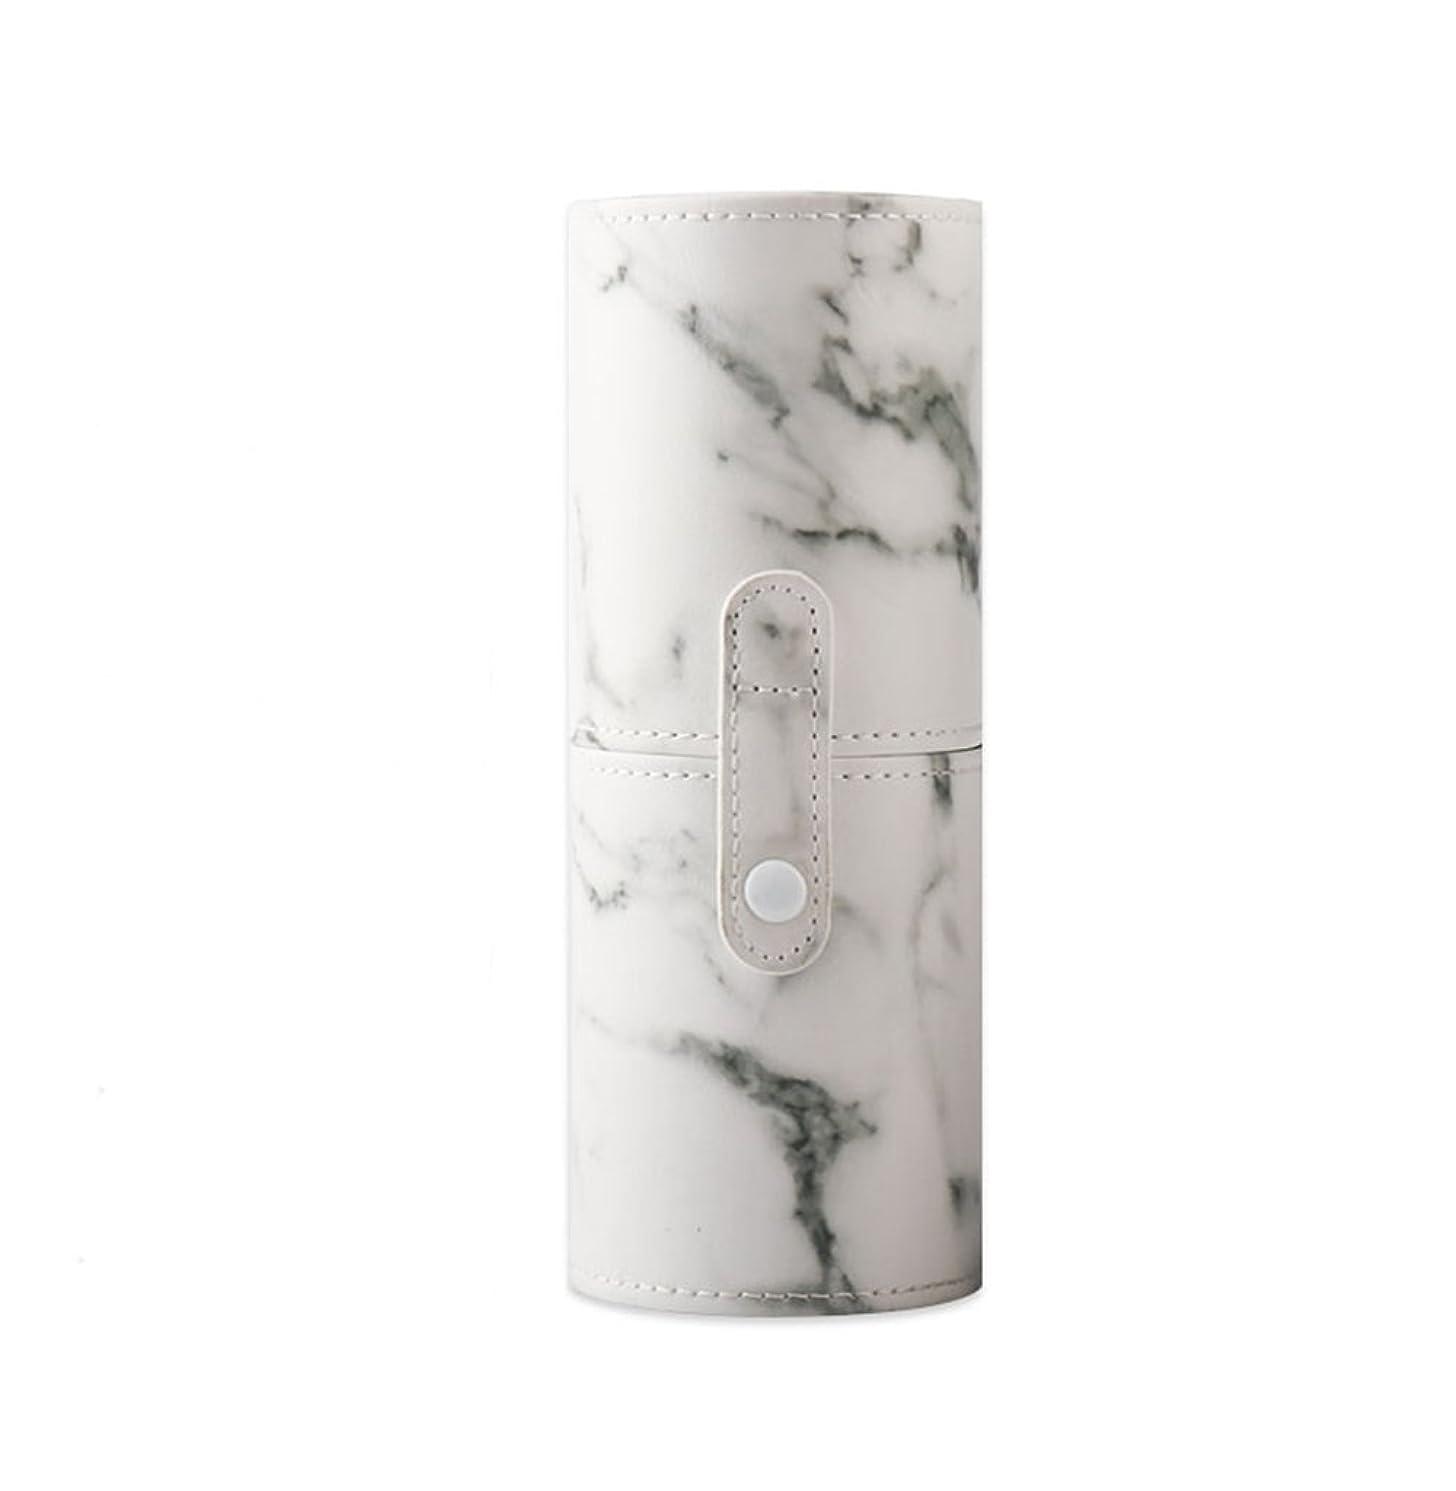 KINGZUO メイクブラシホルダー 専用収納 コスメケース ボックス 文具ケース PUレザー 旅行 小物収納 携帯便利 化粧カップ  約12本収納